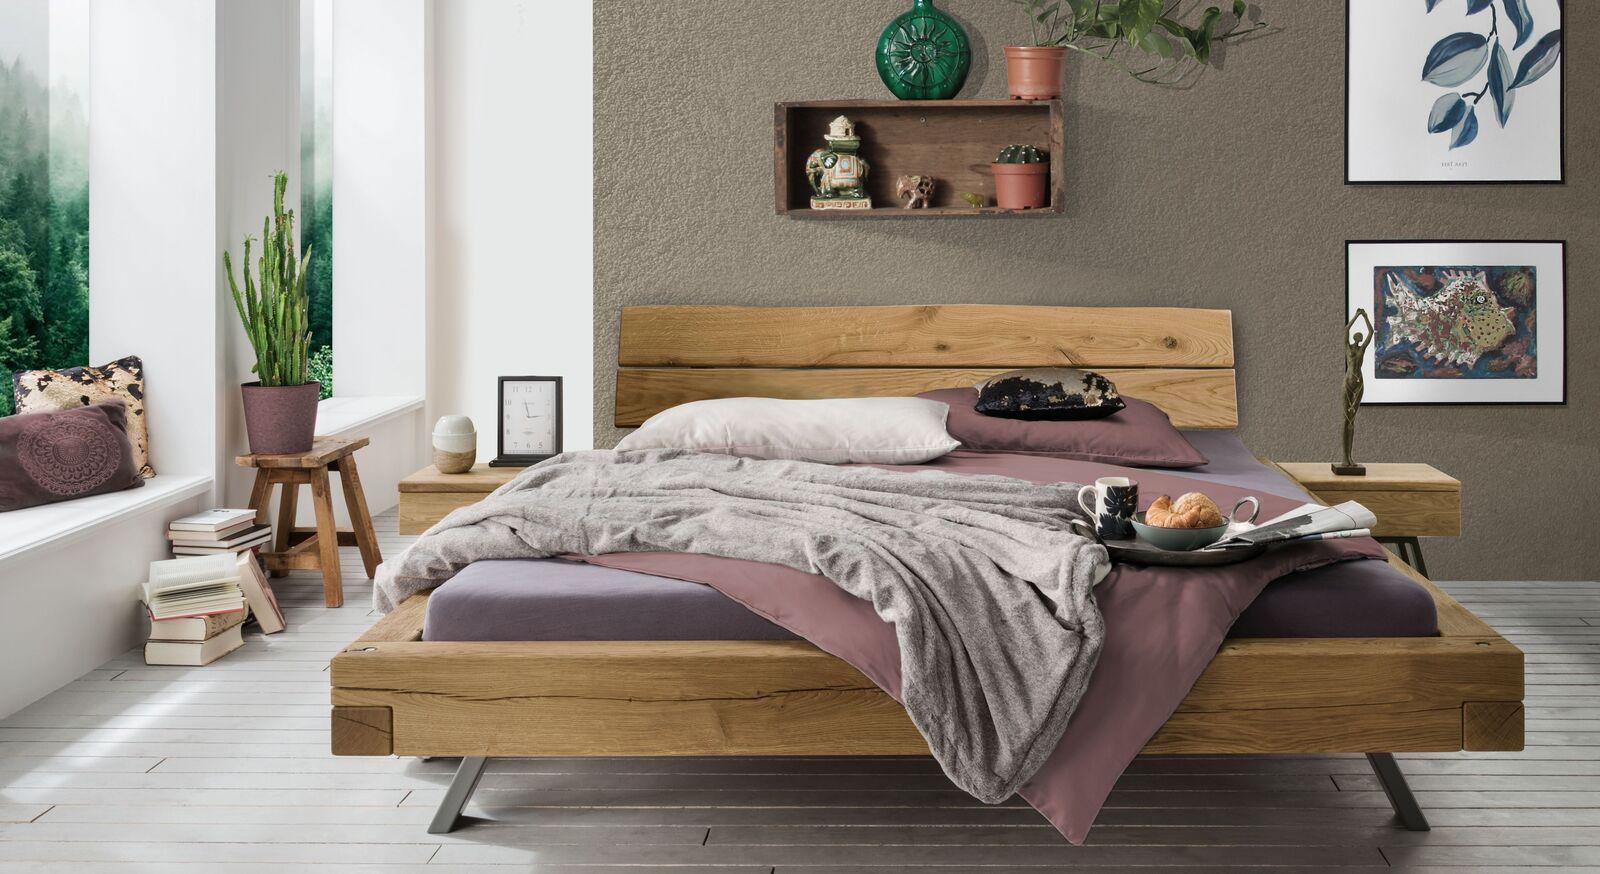 Bett Rune mit passendem Nachttisch